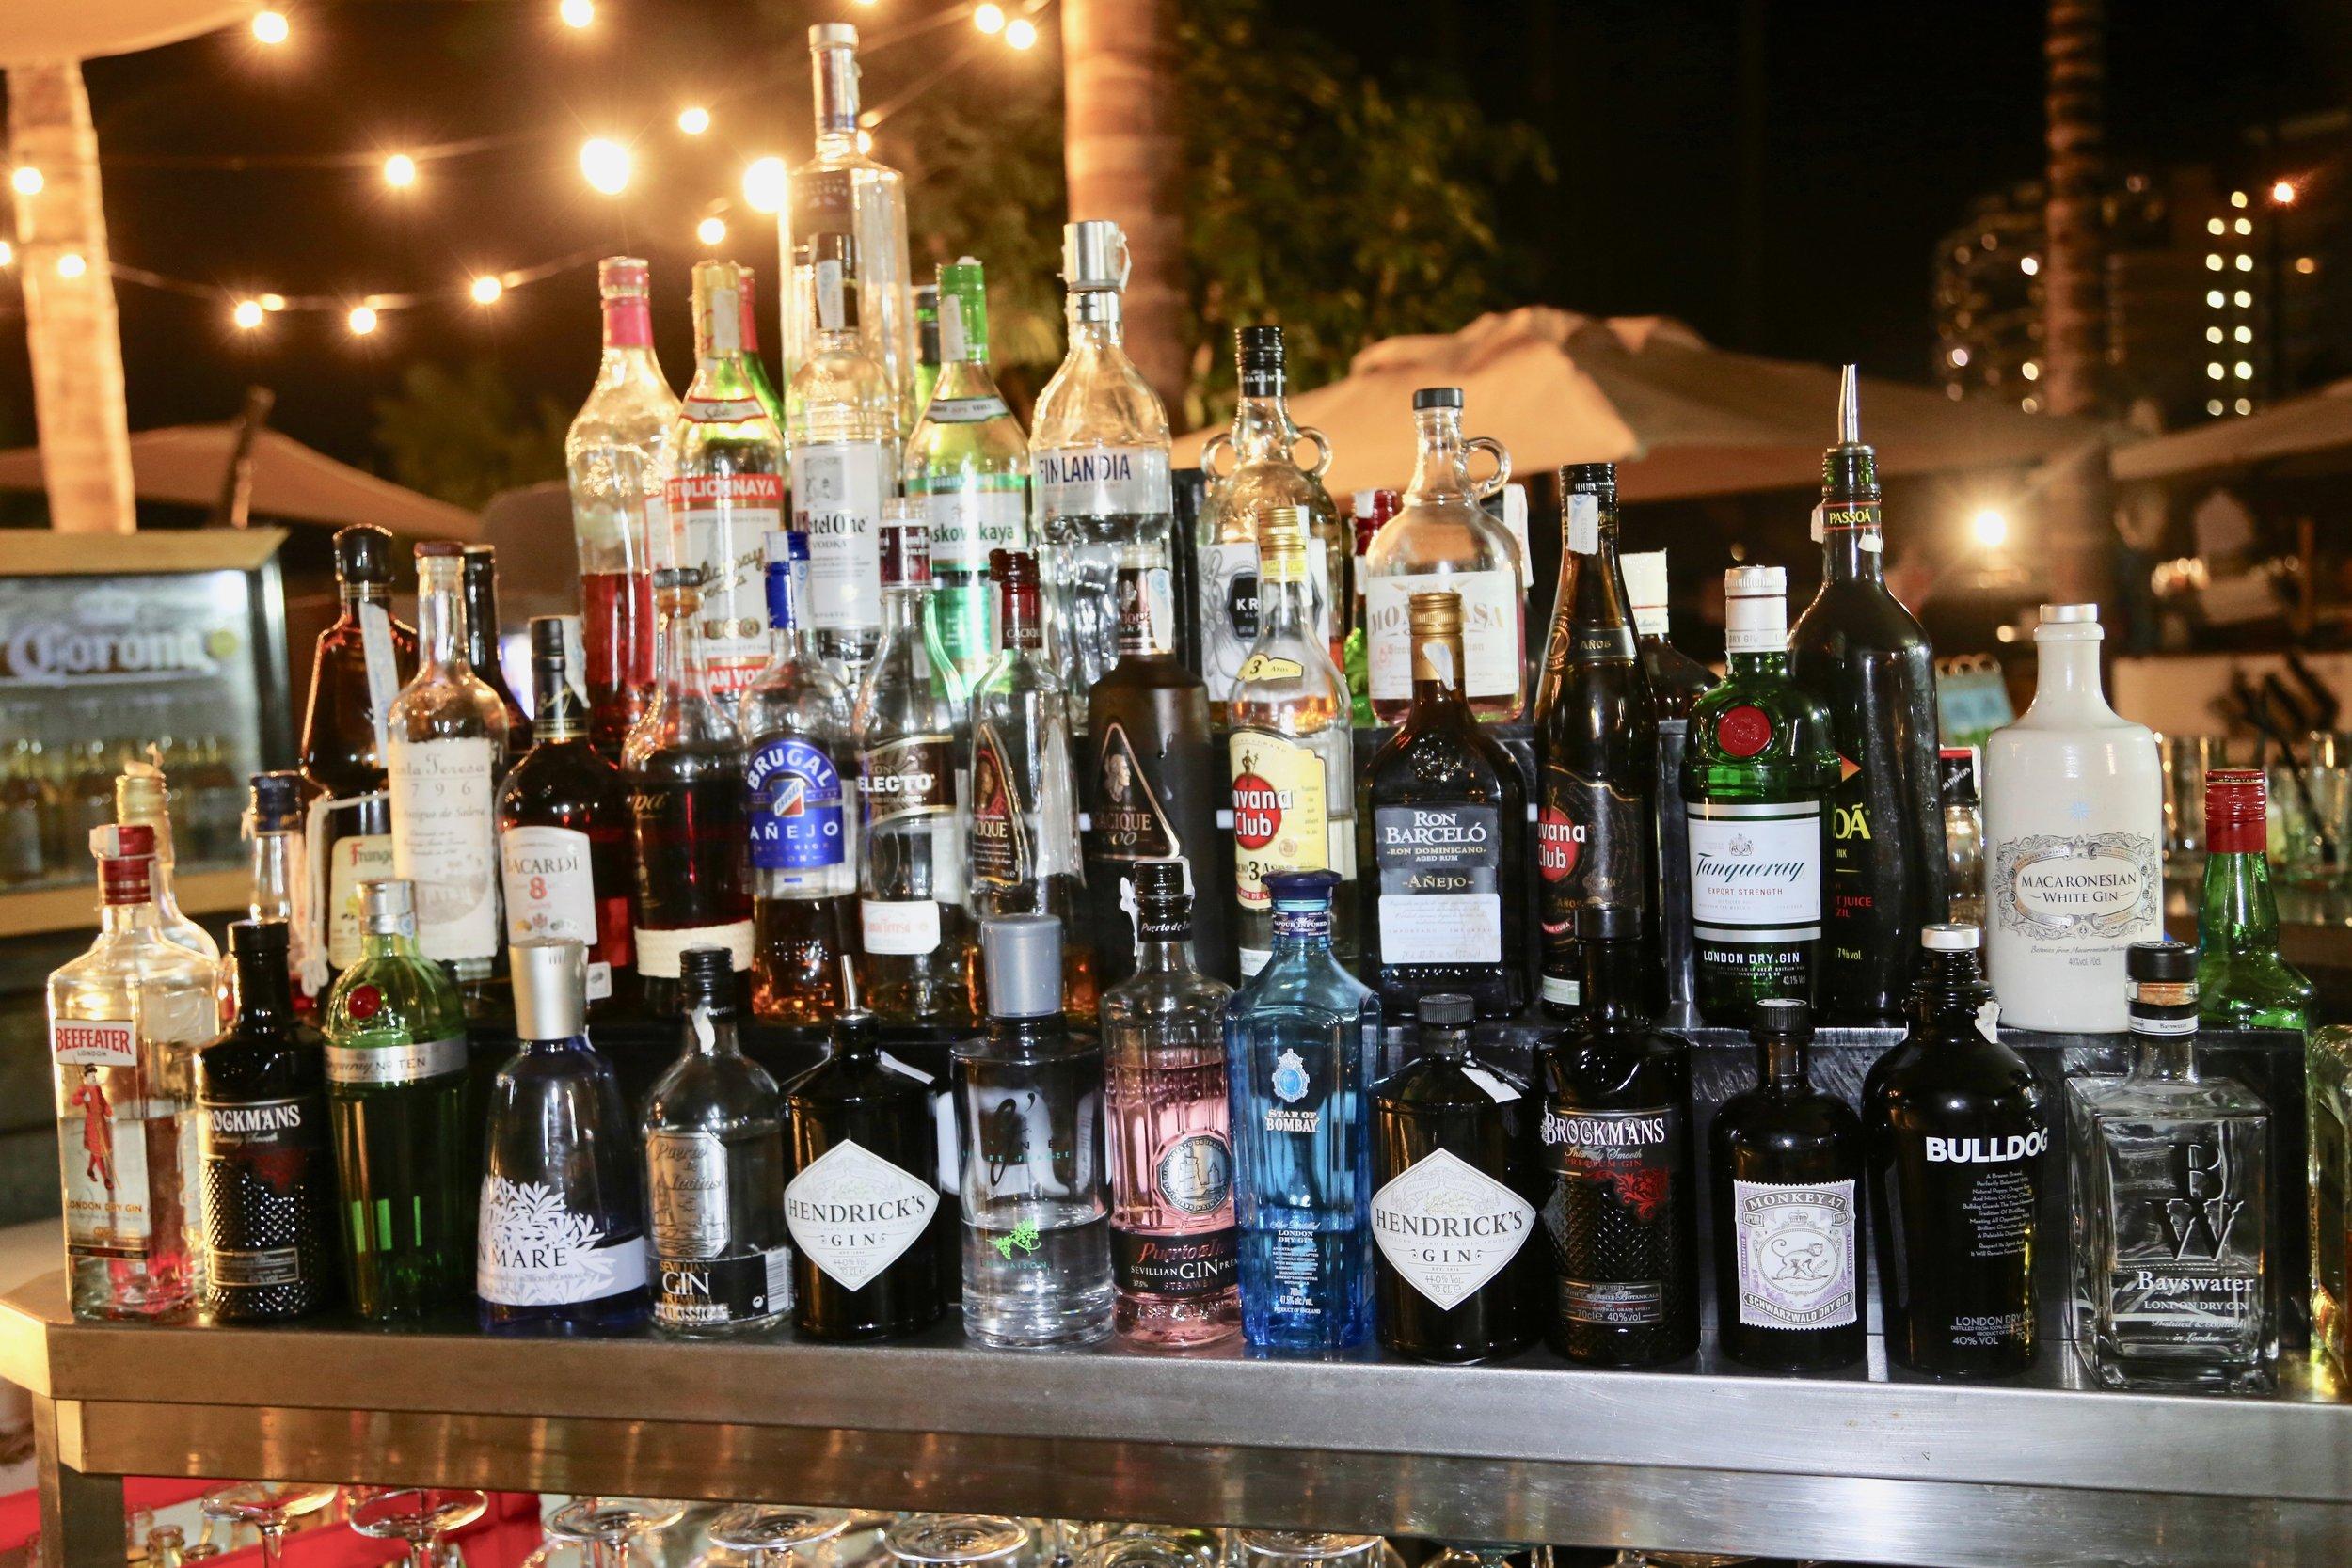 En av hver, takk. Joda, det er en sikker vei til fiasko når du drikker mer enn du har godt av. Foto: Odd Roar Lange